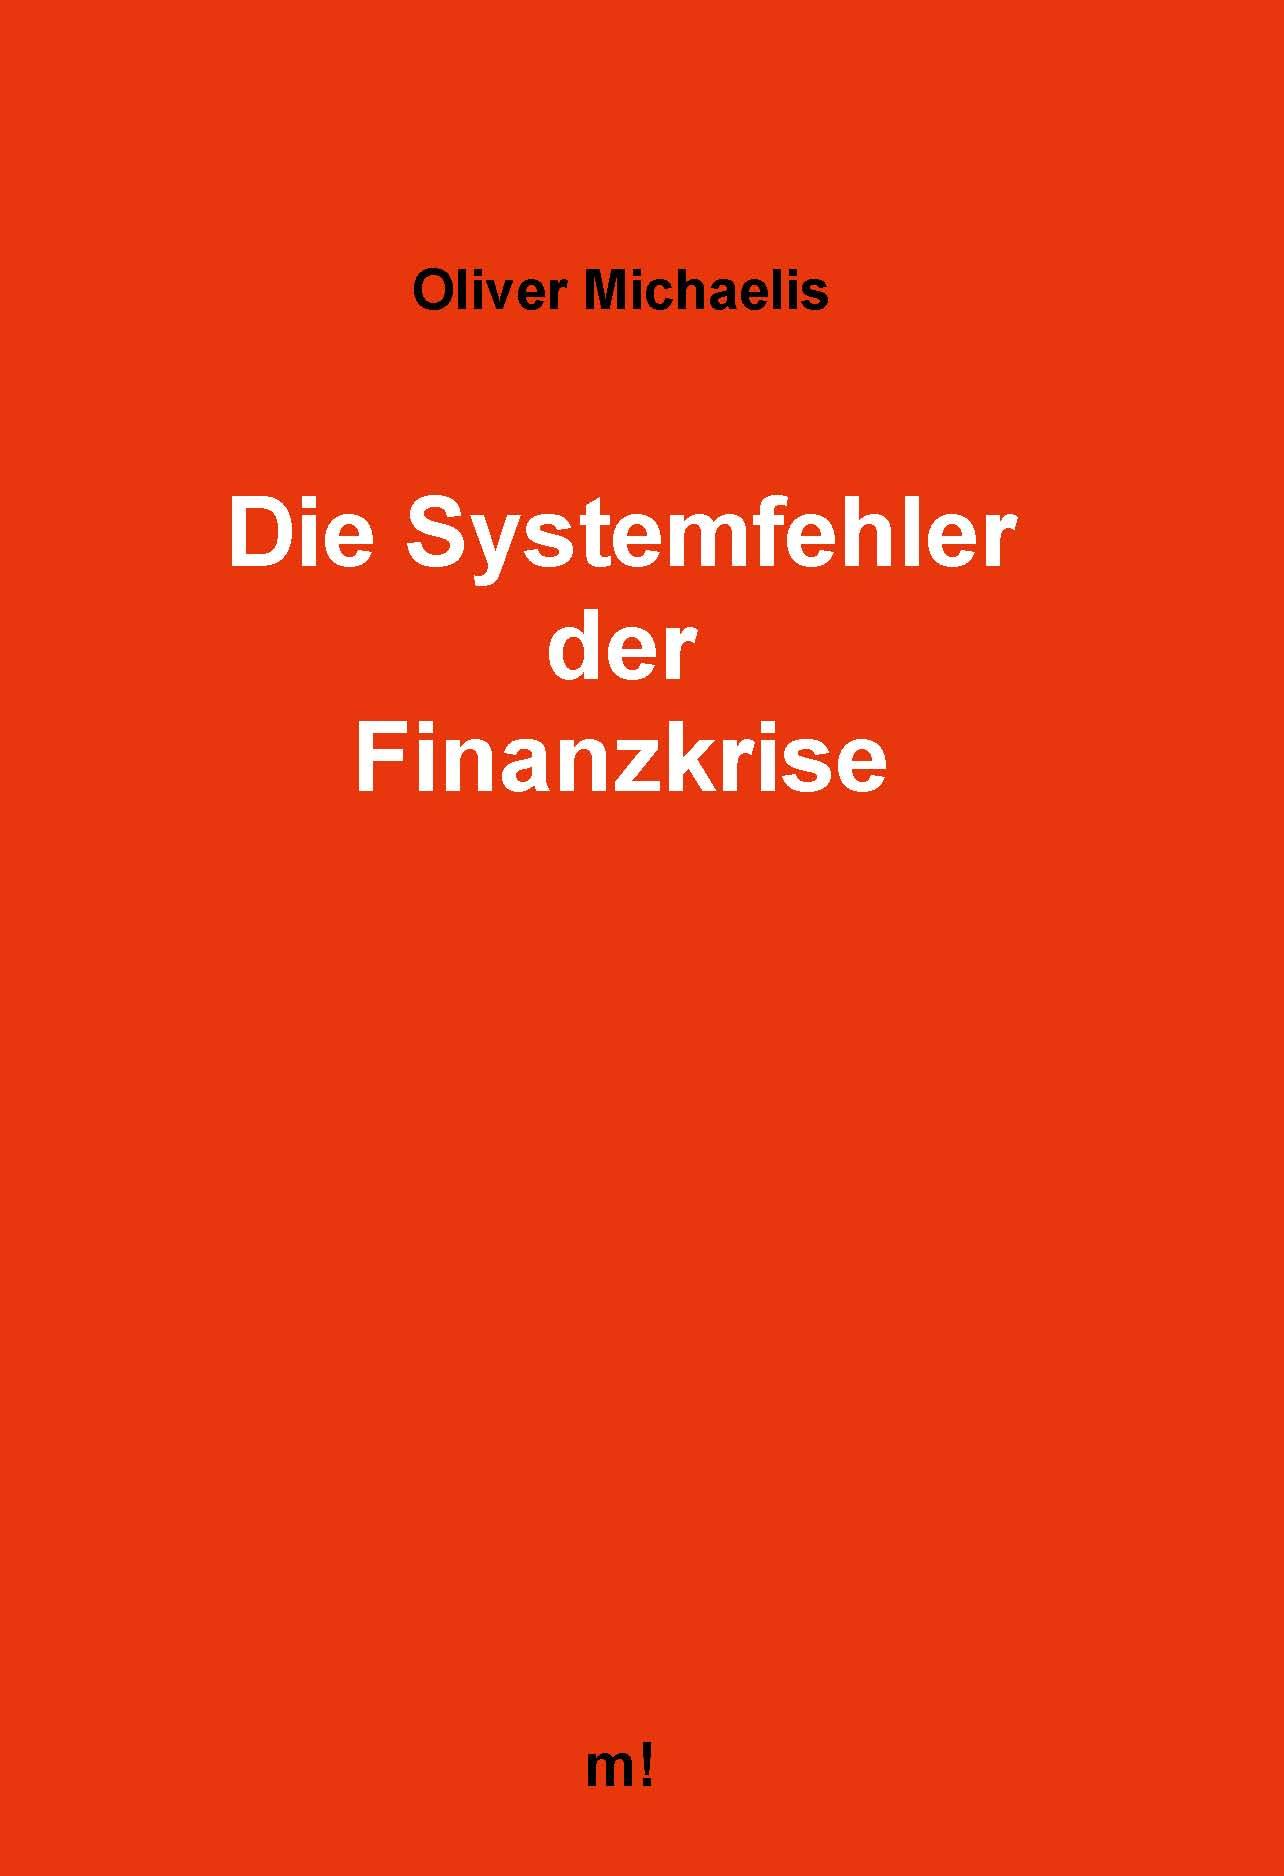 Michaelis: Die Systemfehler der Finanzkrise